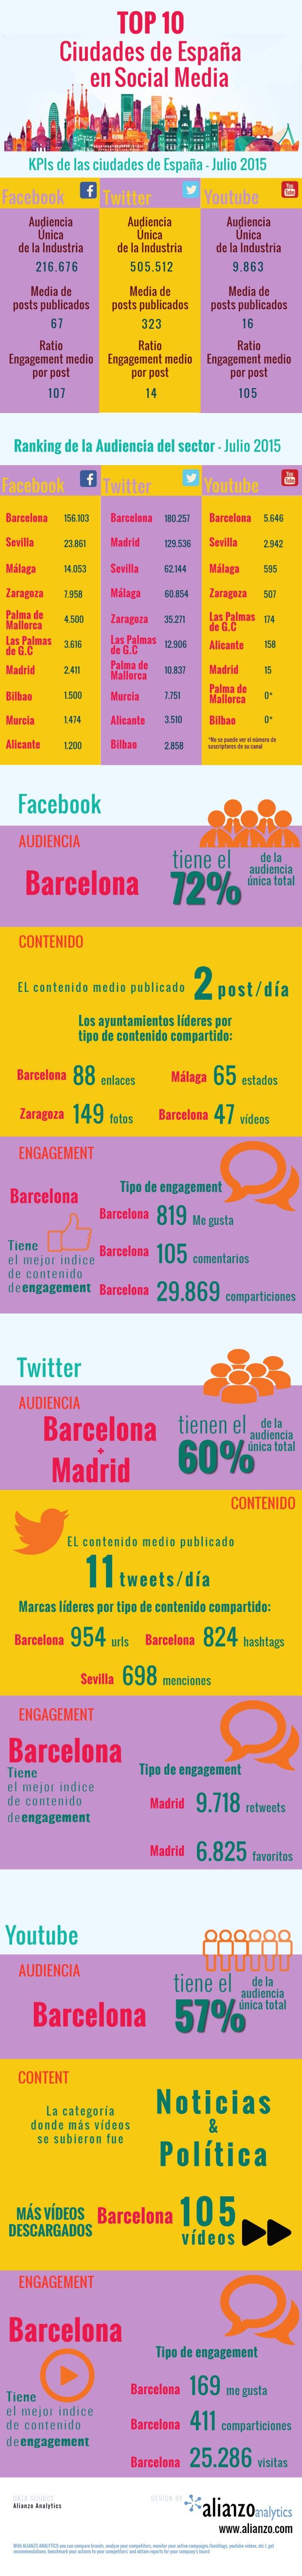 Top 10 ciudades de España en Redes Sociales